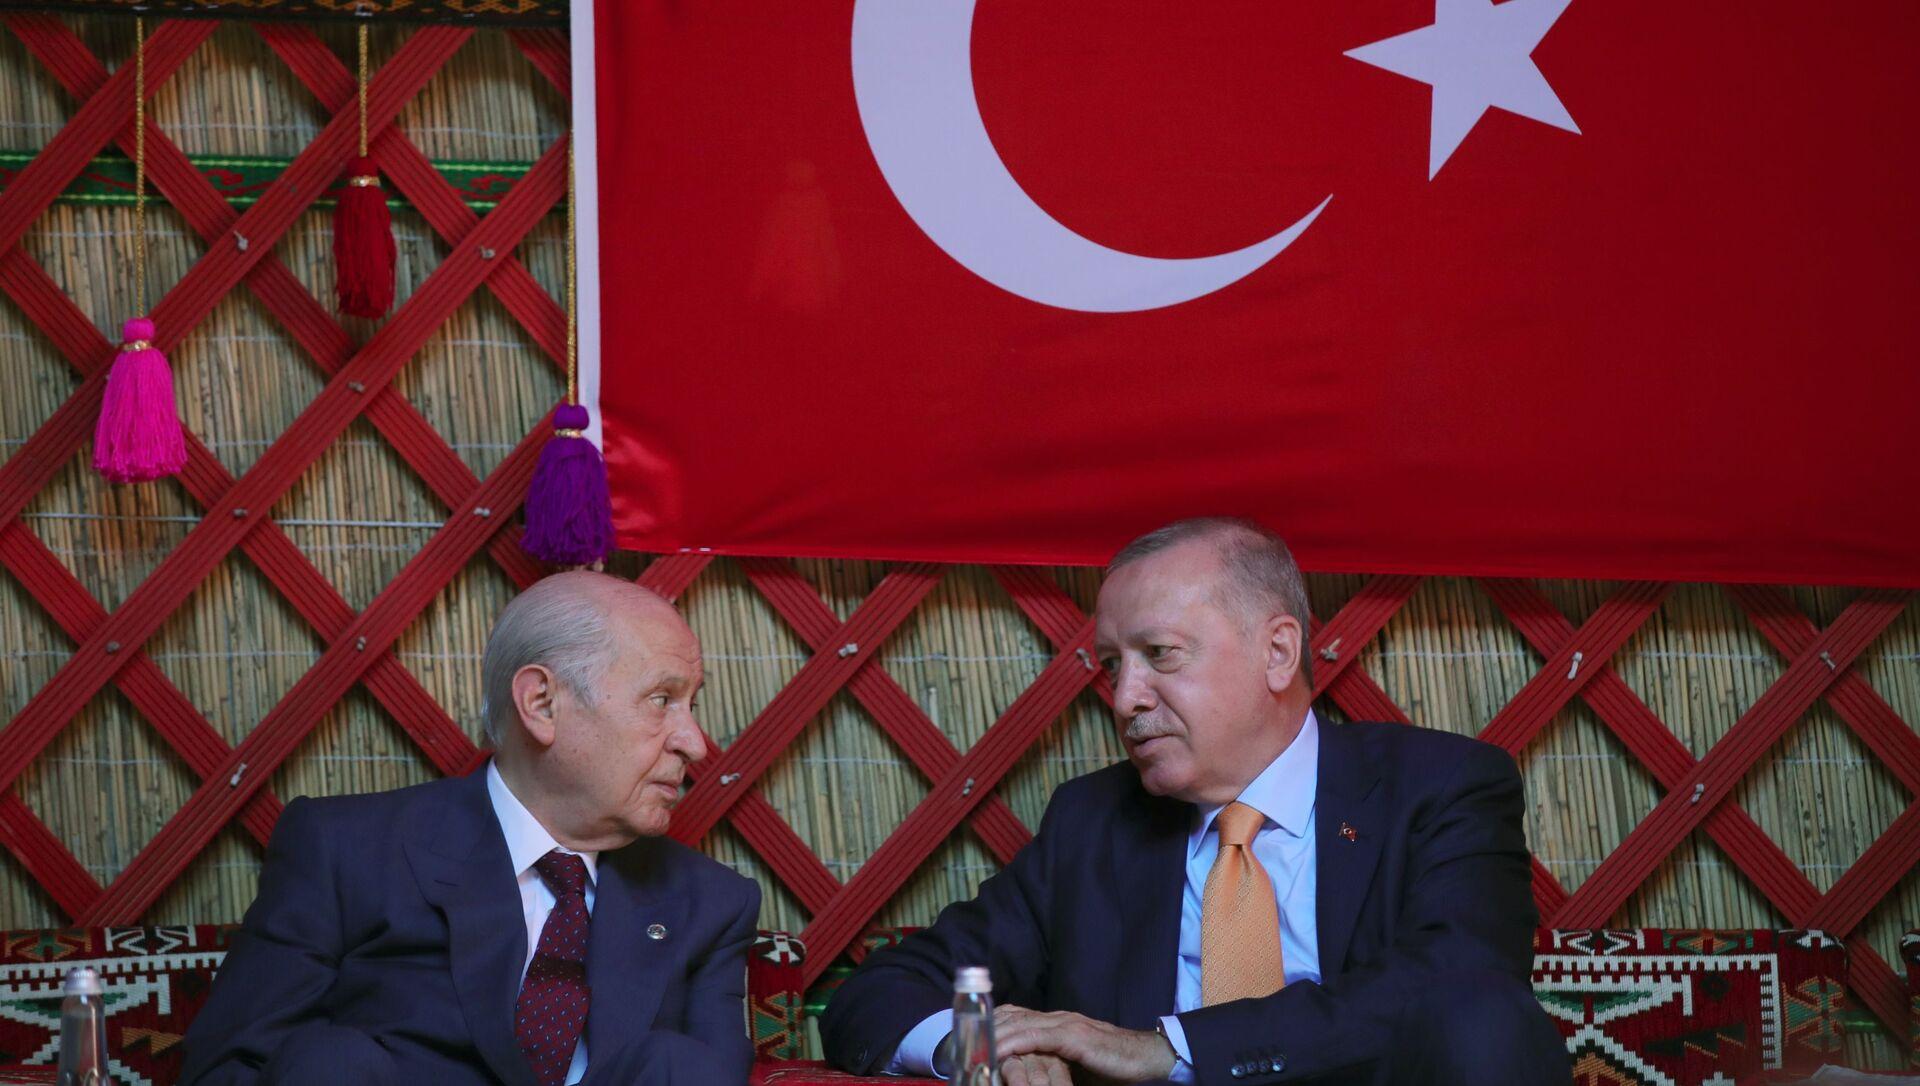 Devlet Bahçeli- Recep Tayyip Erdoğan - Sputnik Türkiye, 1920, 23.02.2021